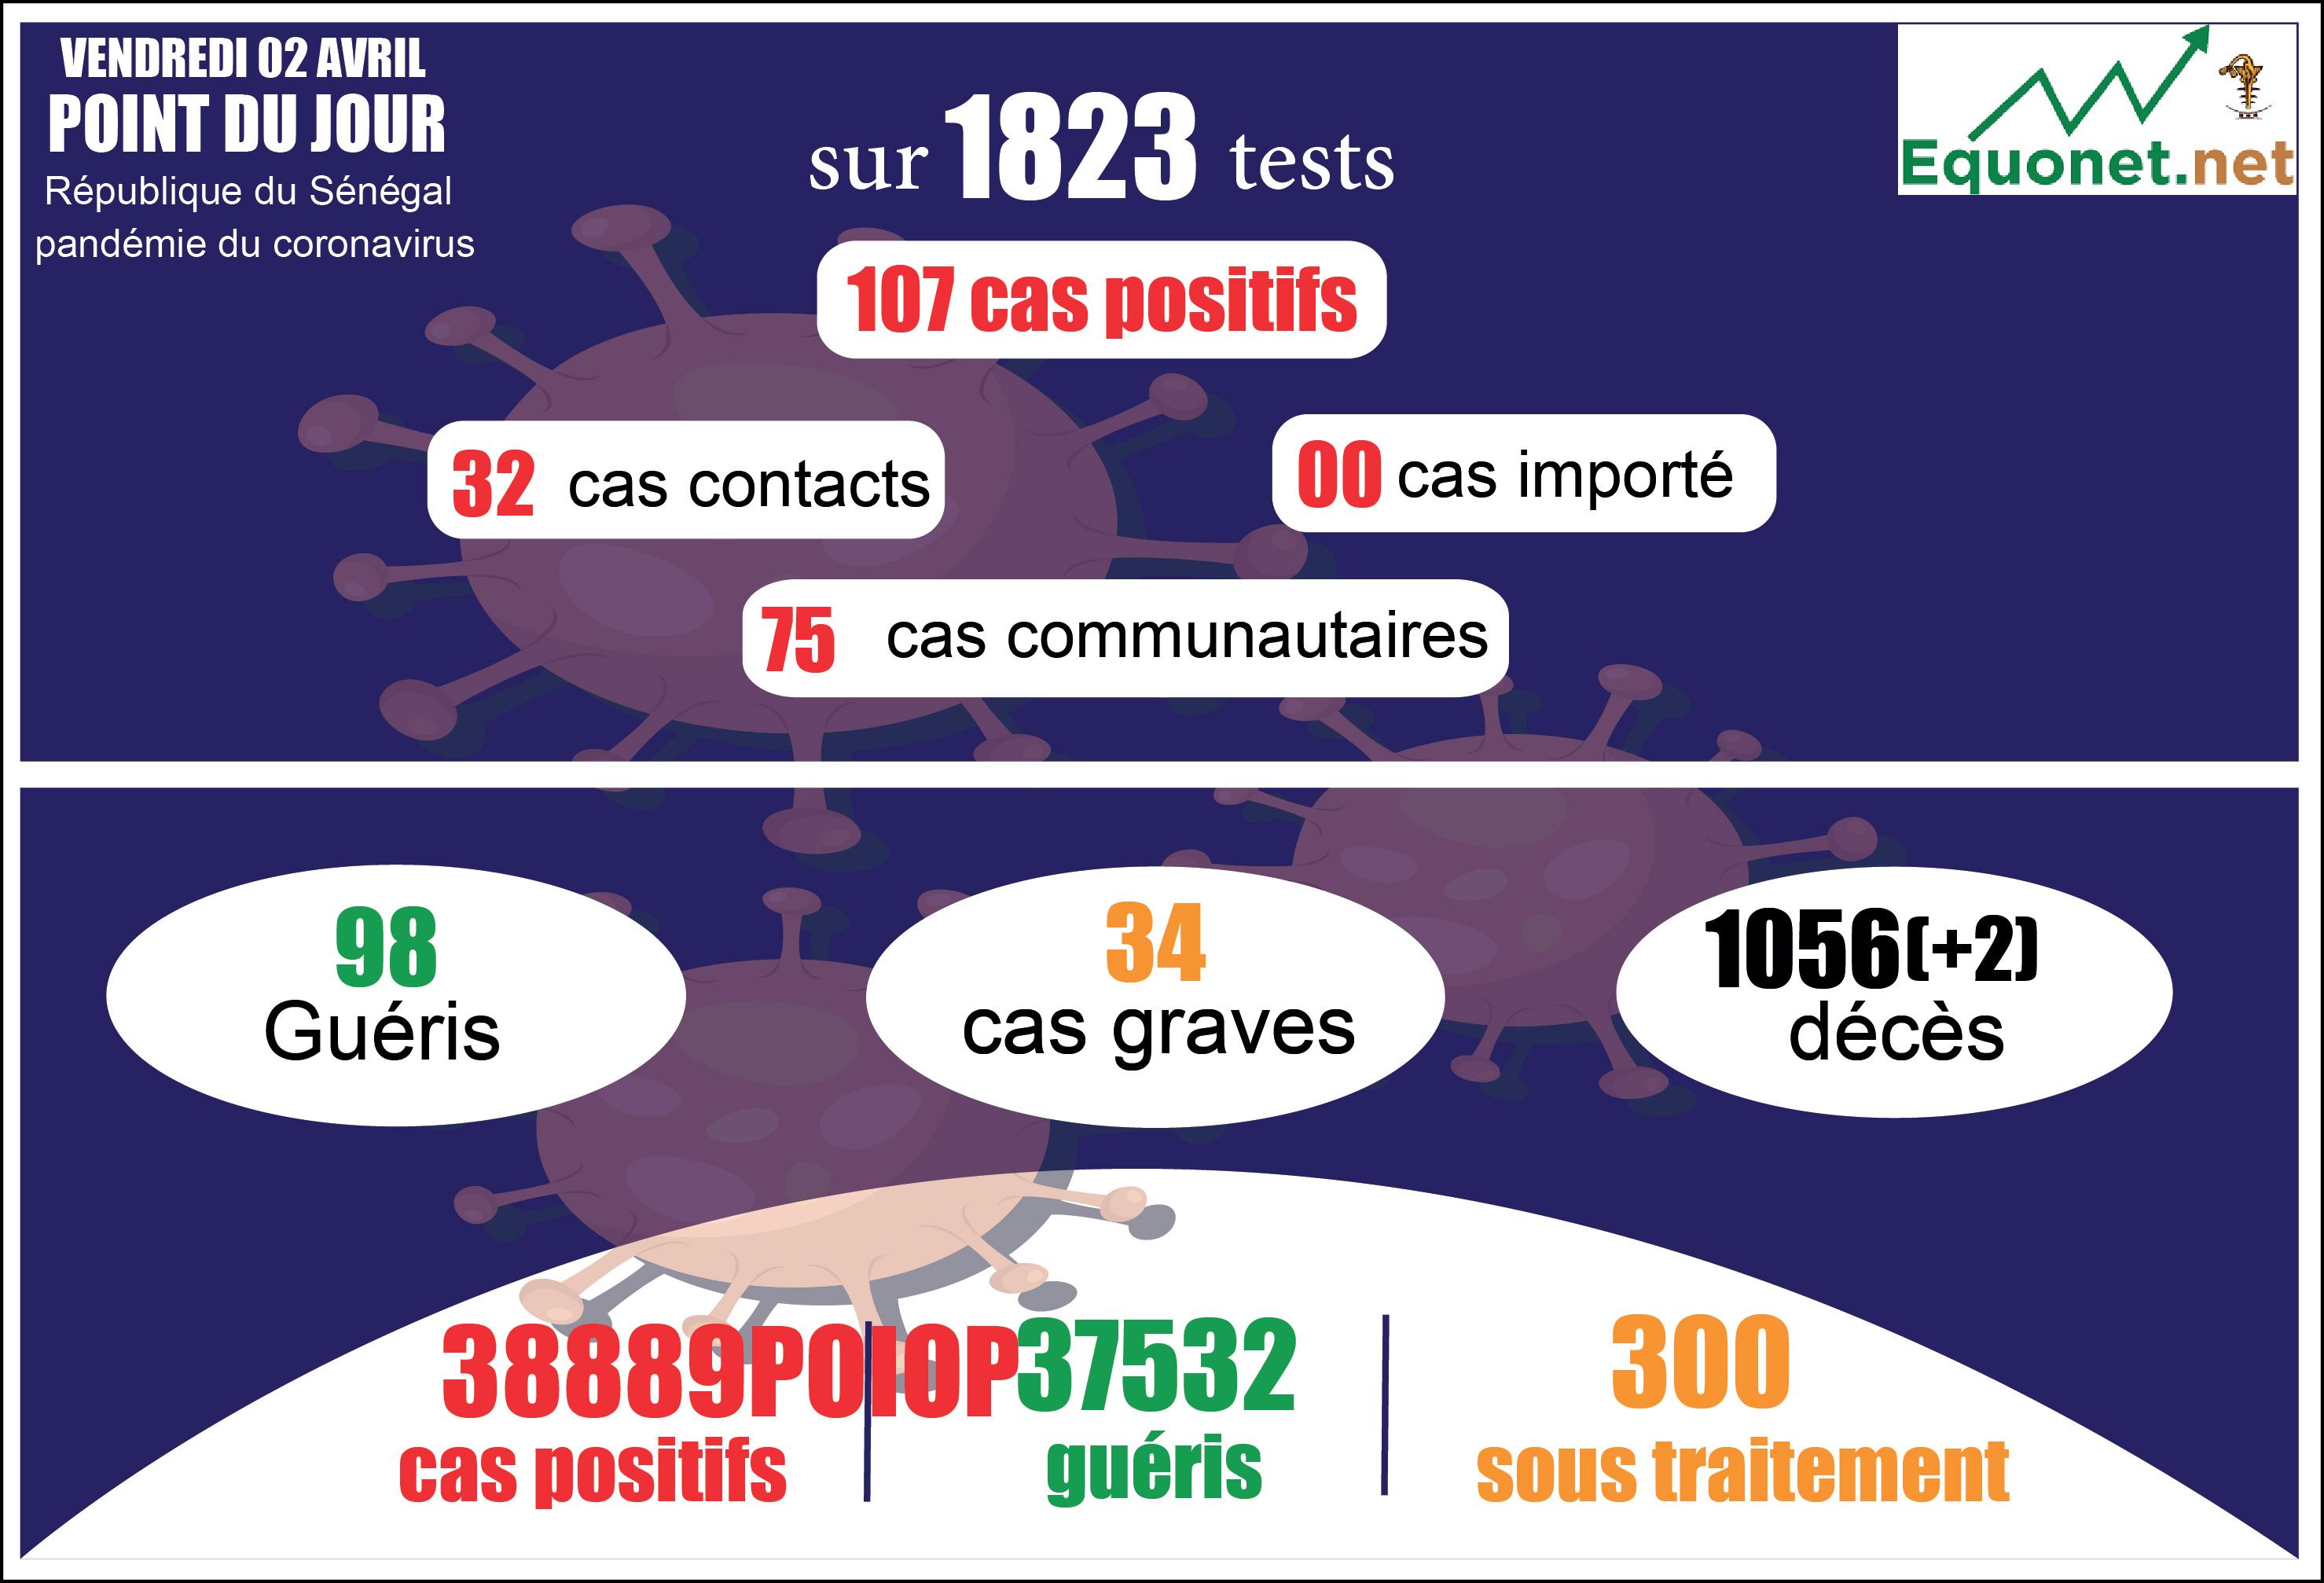 pandémie du coronavirus-covid-19 au sénégal : 75 cas communautaires et 02 décès enregistrés ce vendredi 2 avril 2021